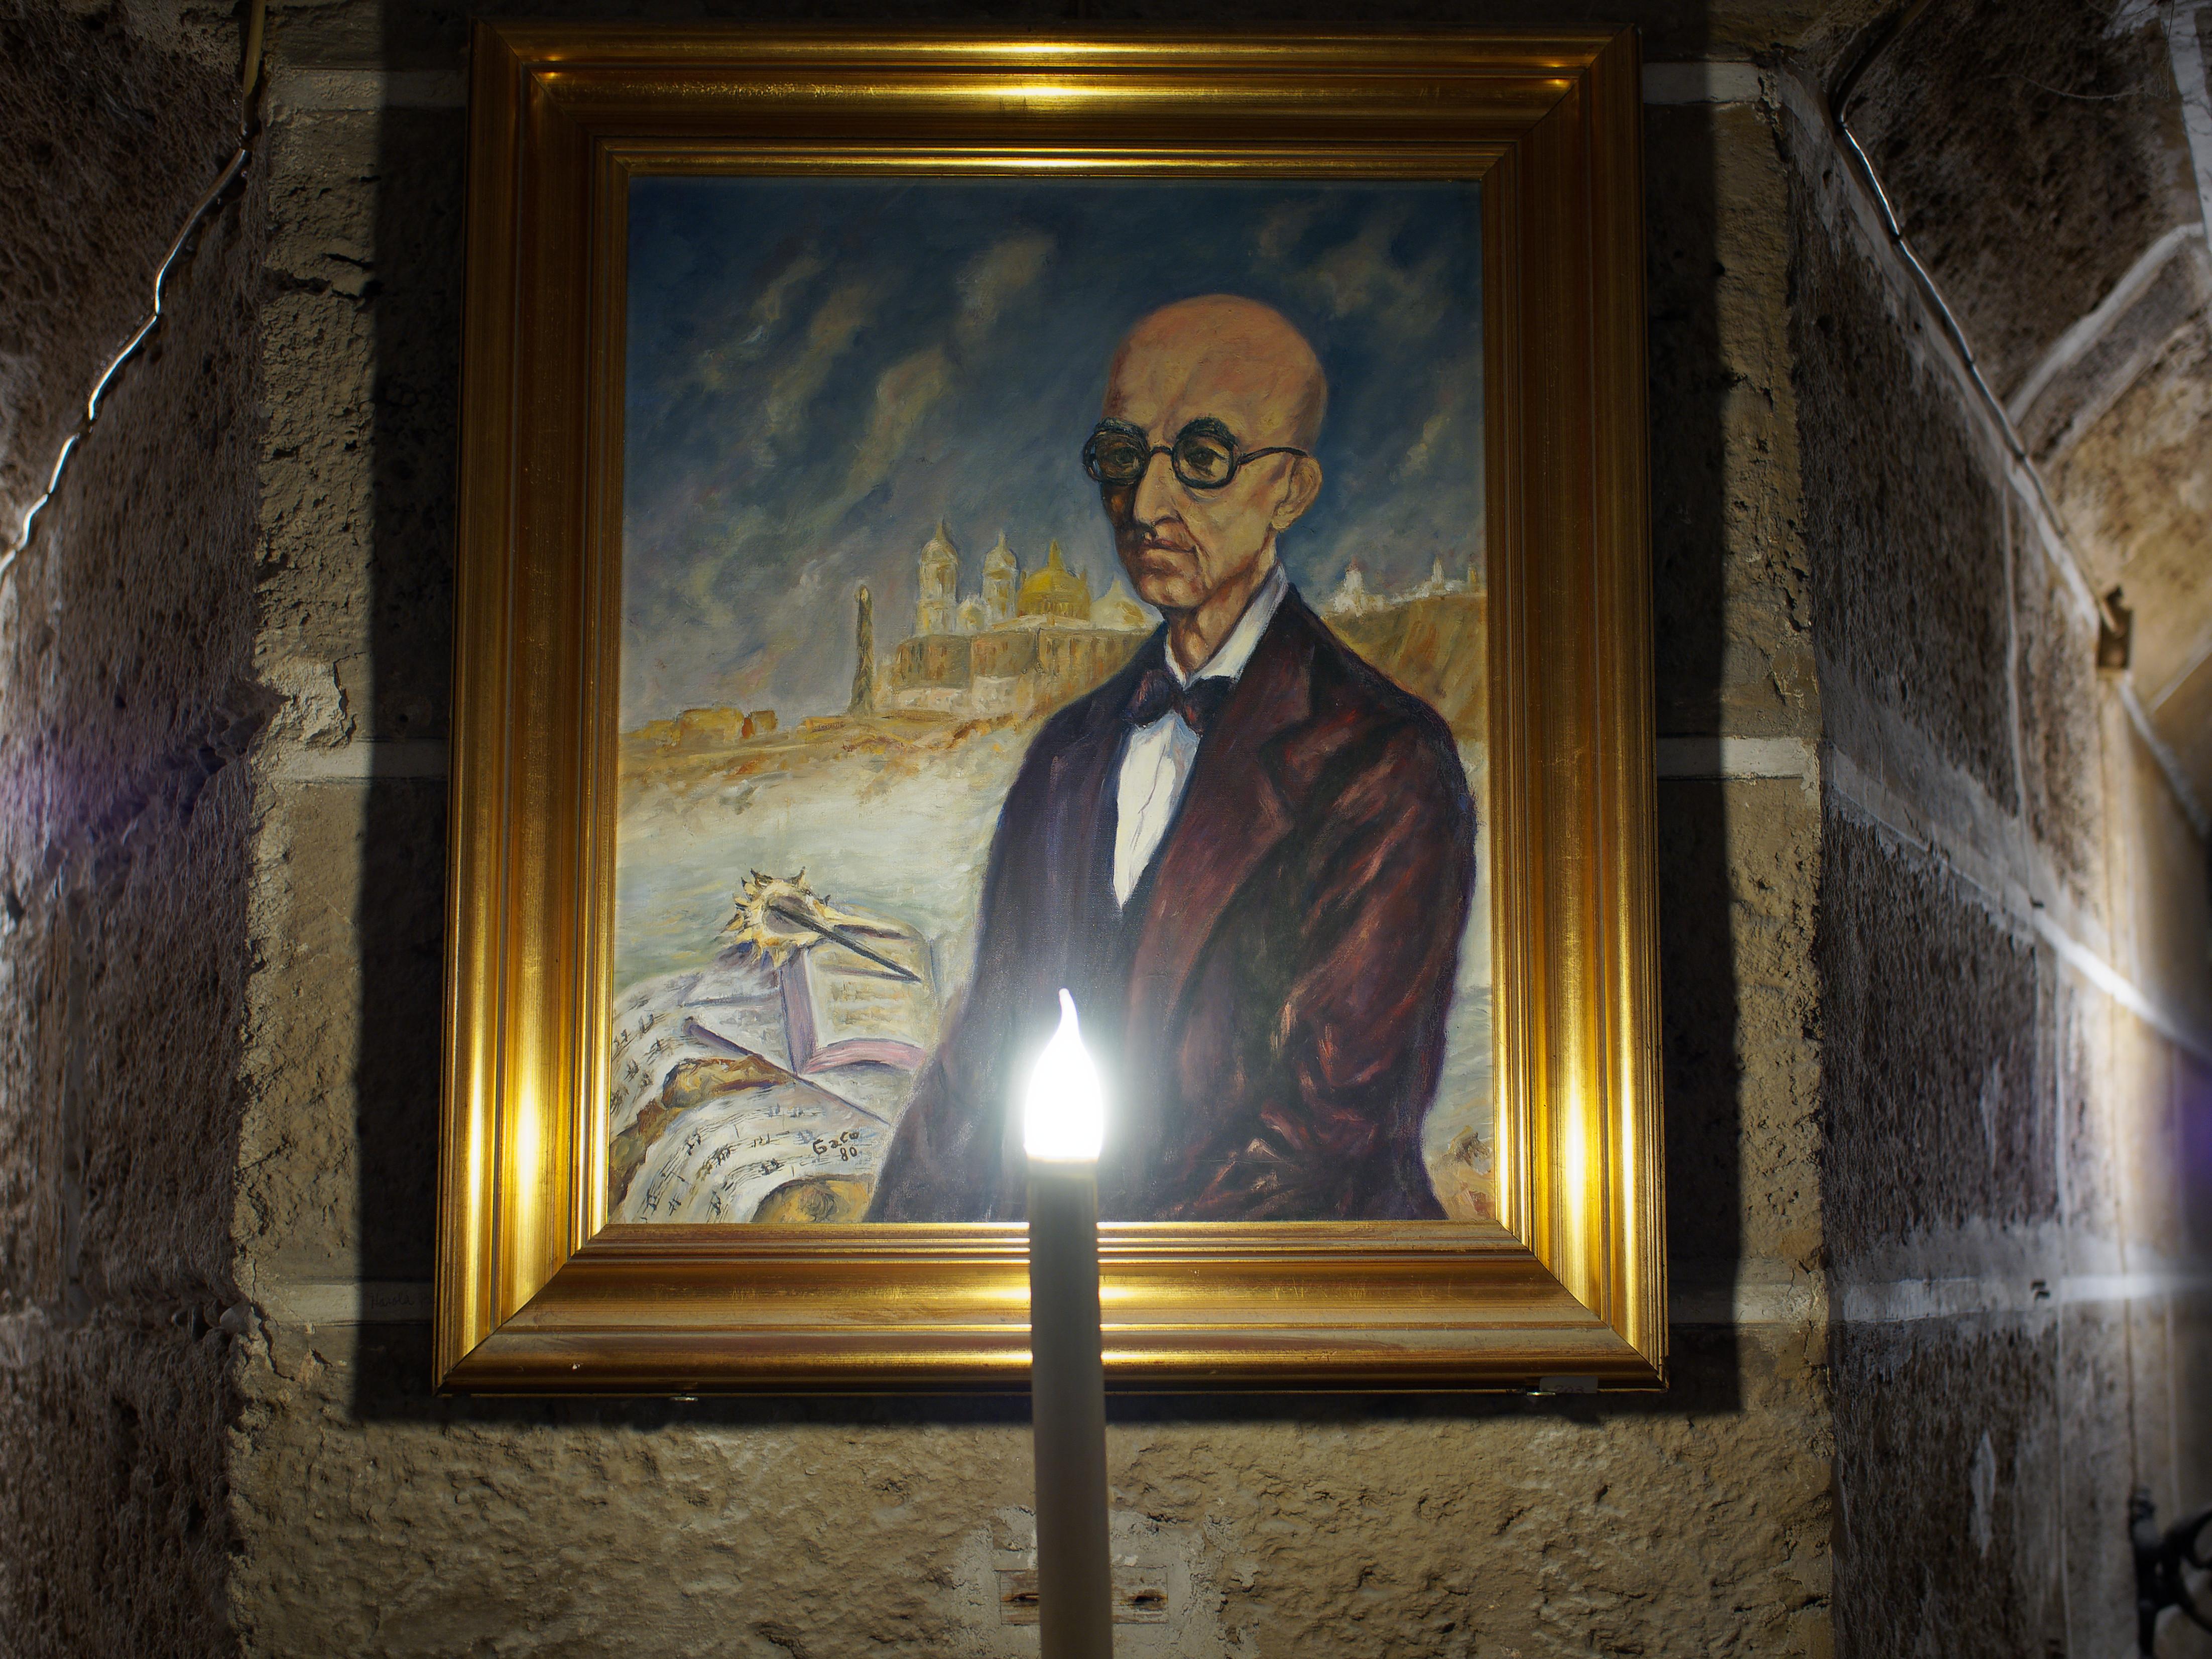 Retrato pintado en Cripta Catedral de Cádiz